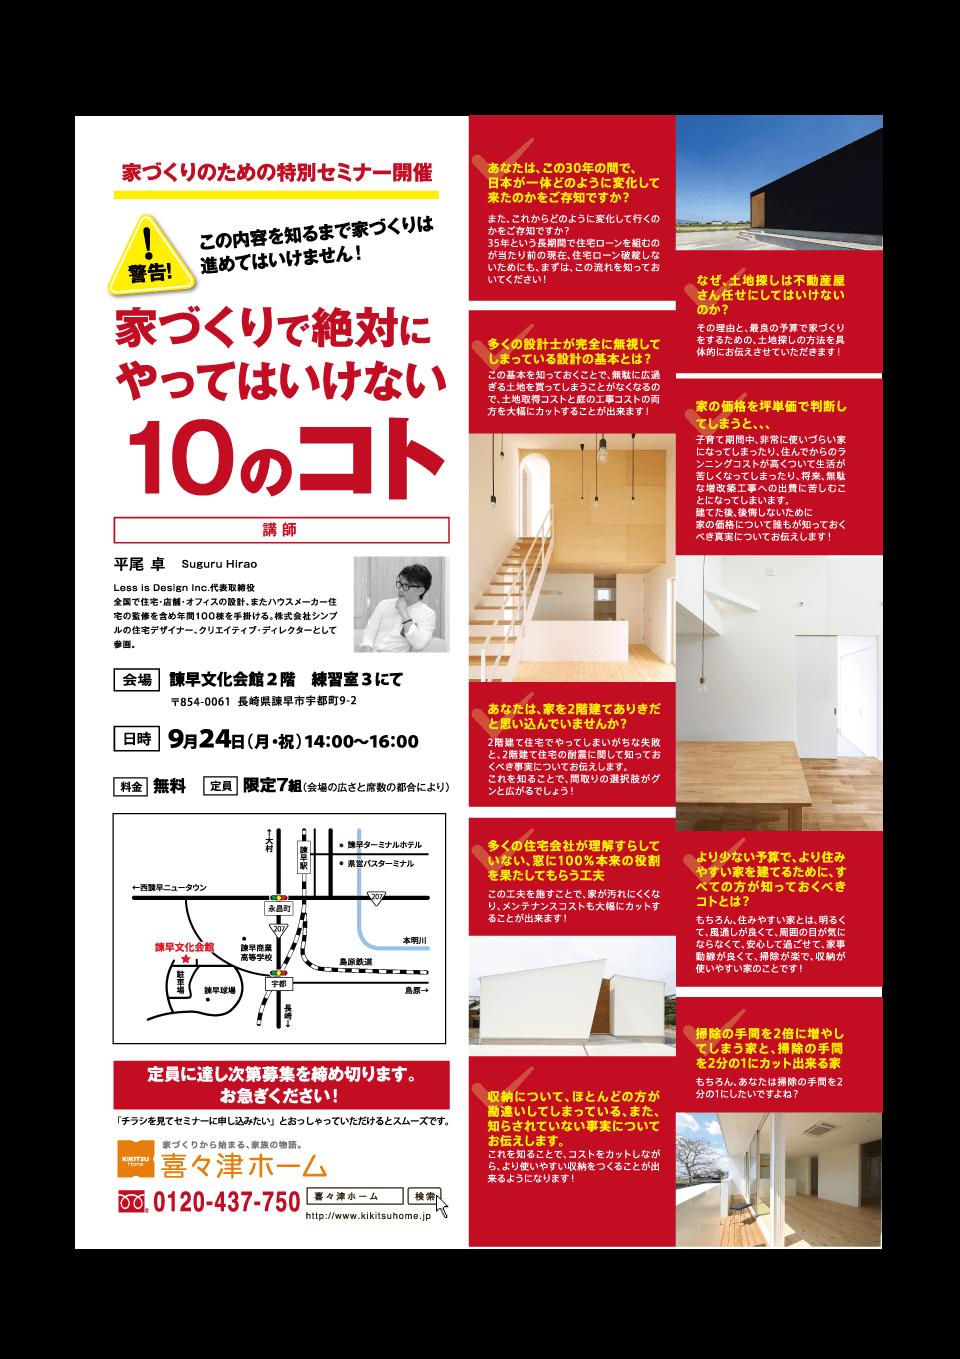 【開催済みです】家づくりのための特別セミナー開催◆事前予約制◆参加費無料◆限定7組